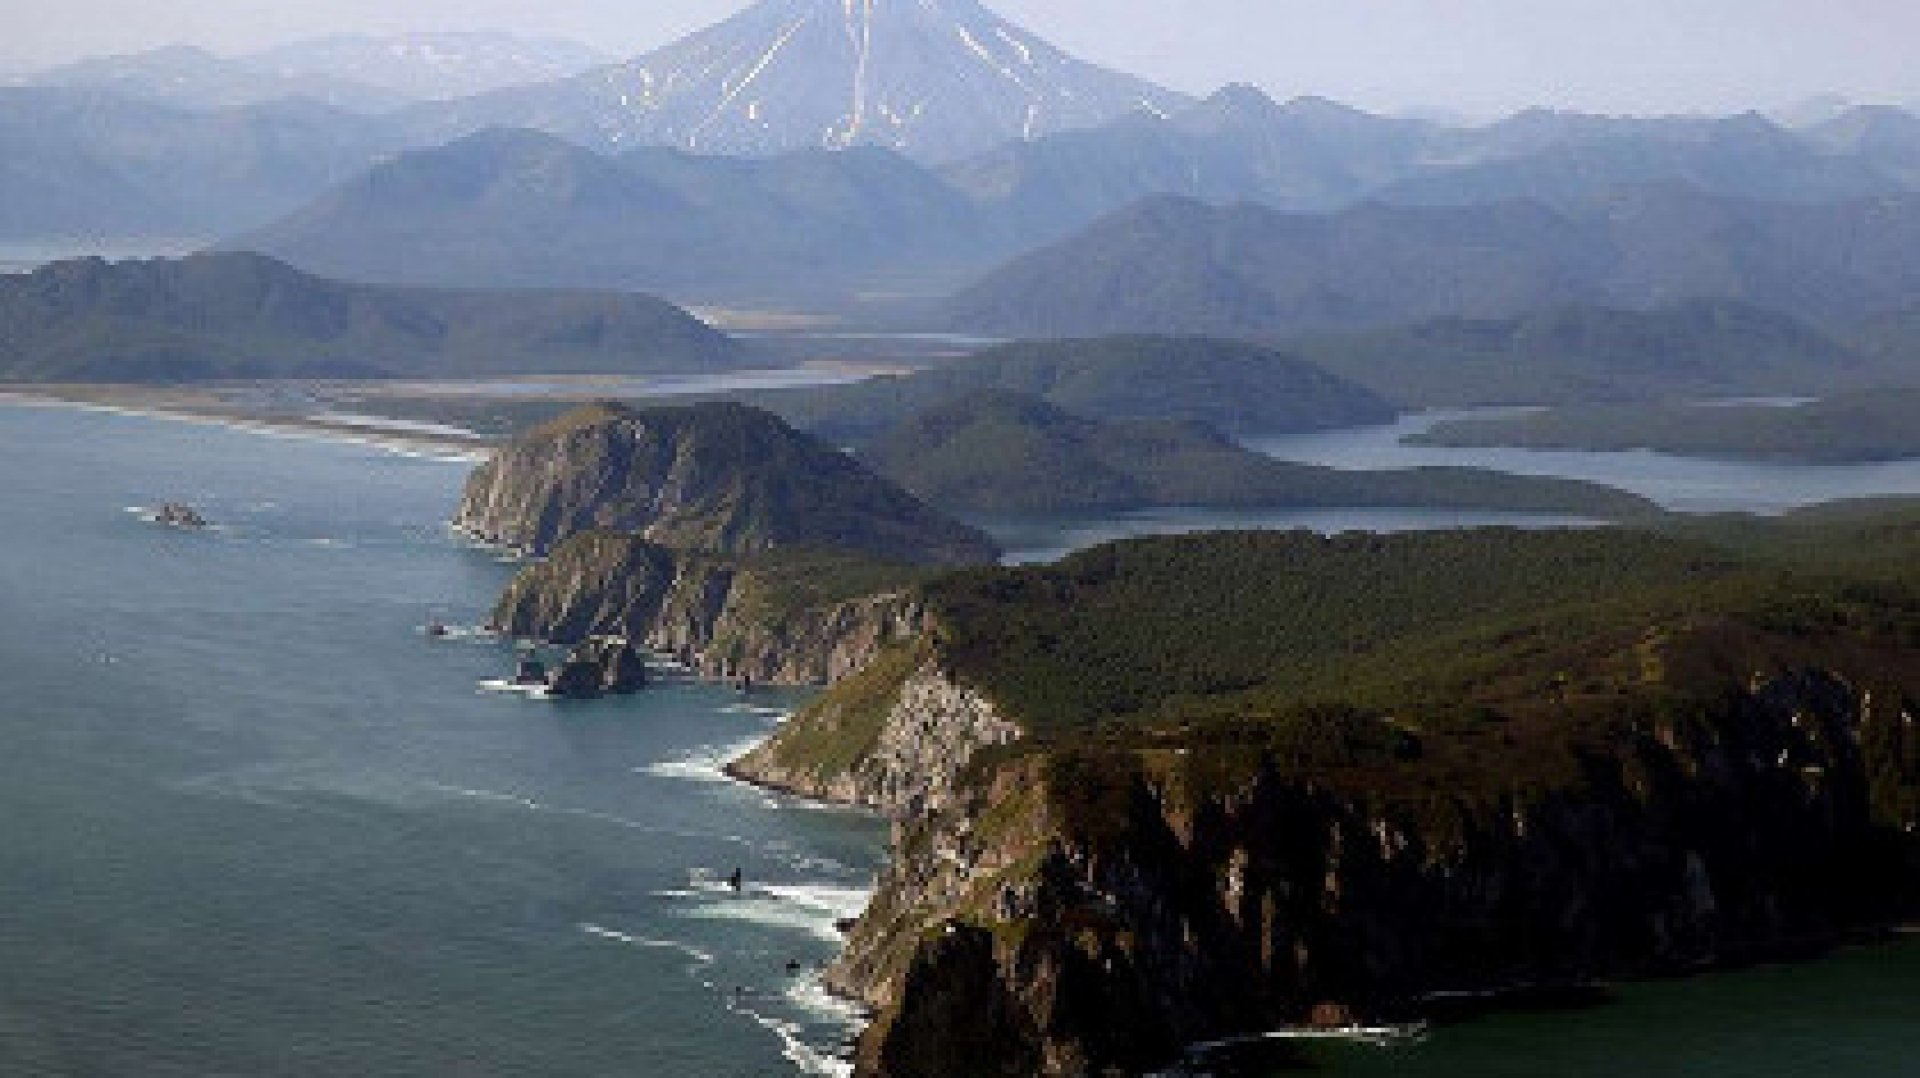 На Камчатке зафиксировали сильнейшее землетрясение